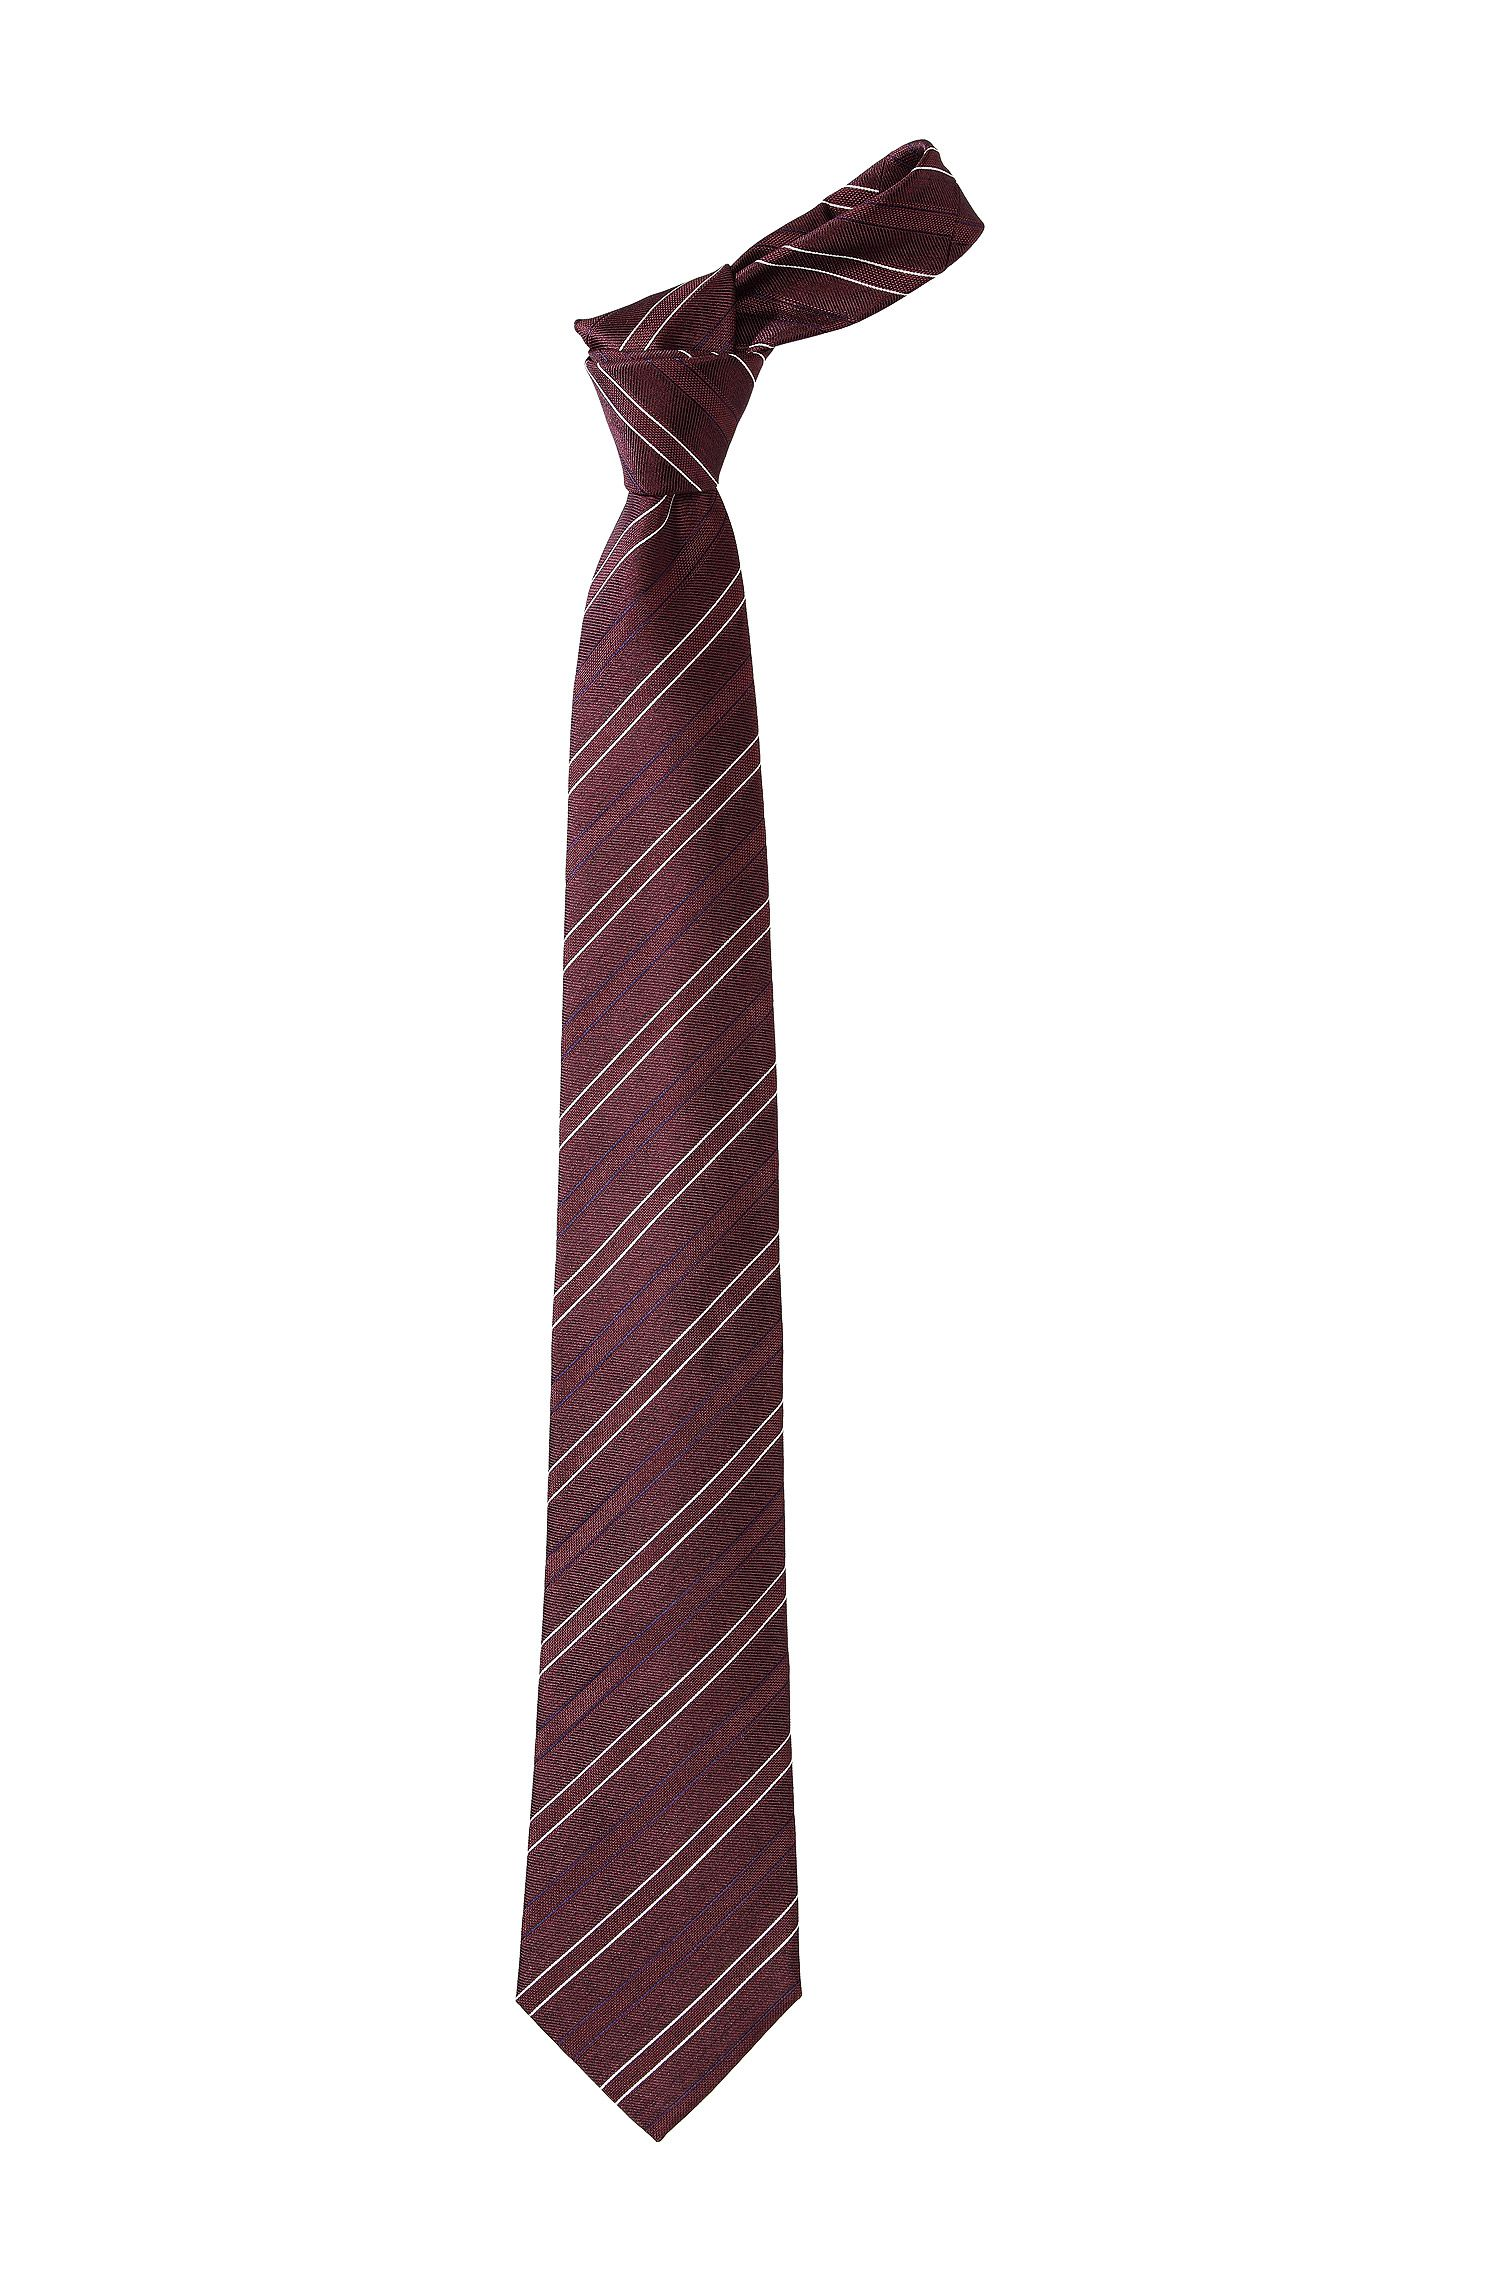 Cravate à rayures tissées, TIE CM 8